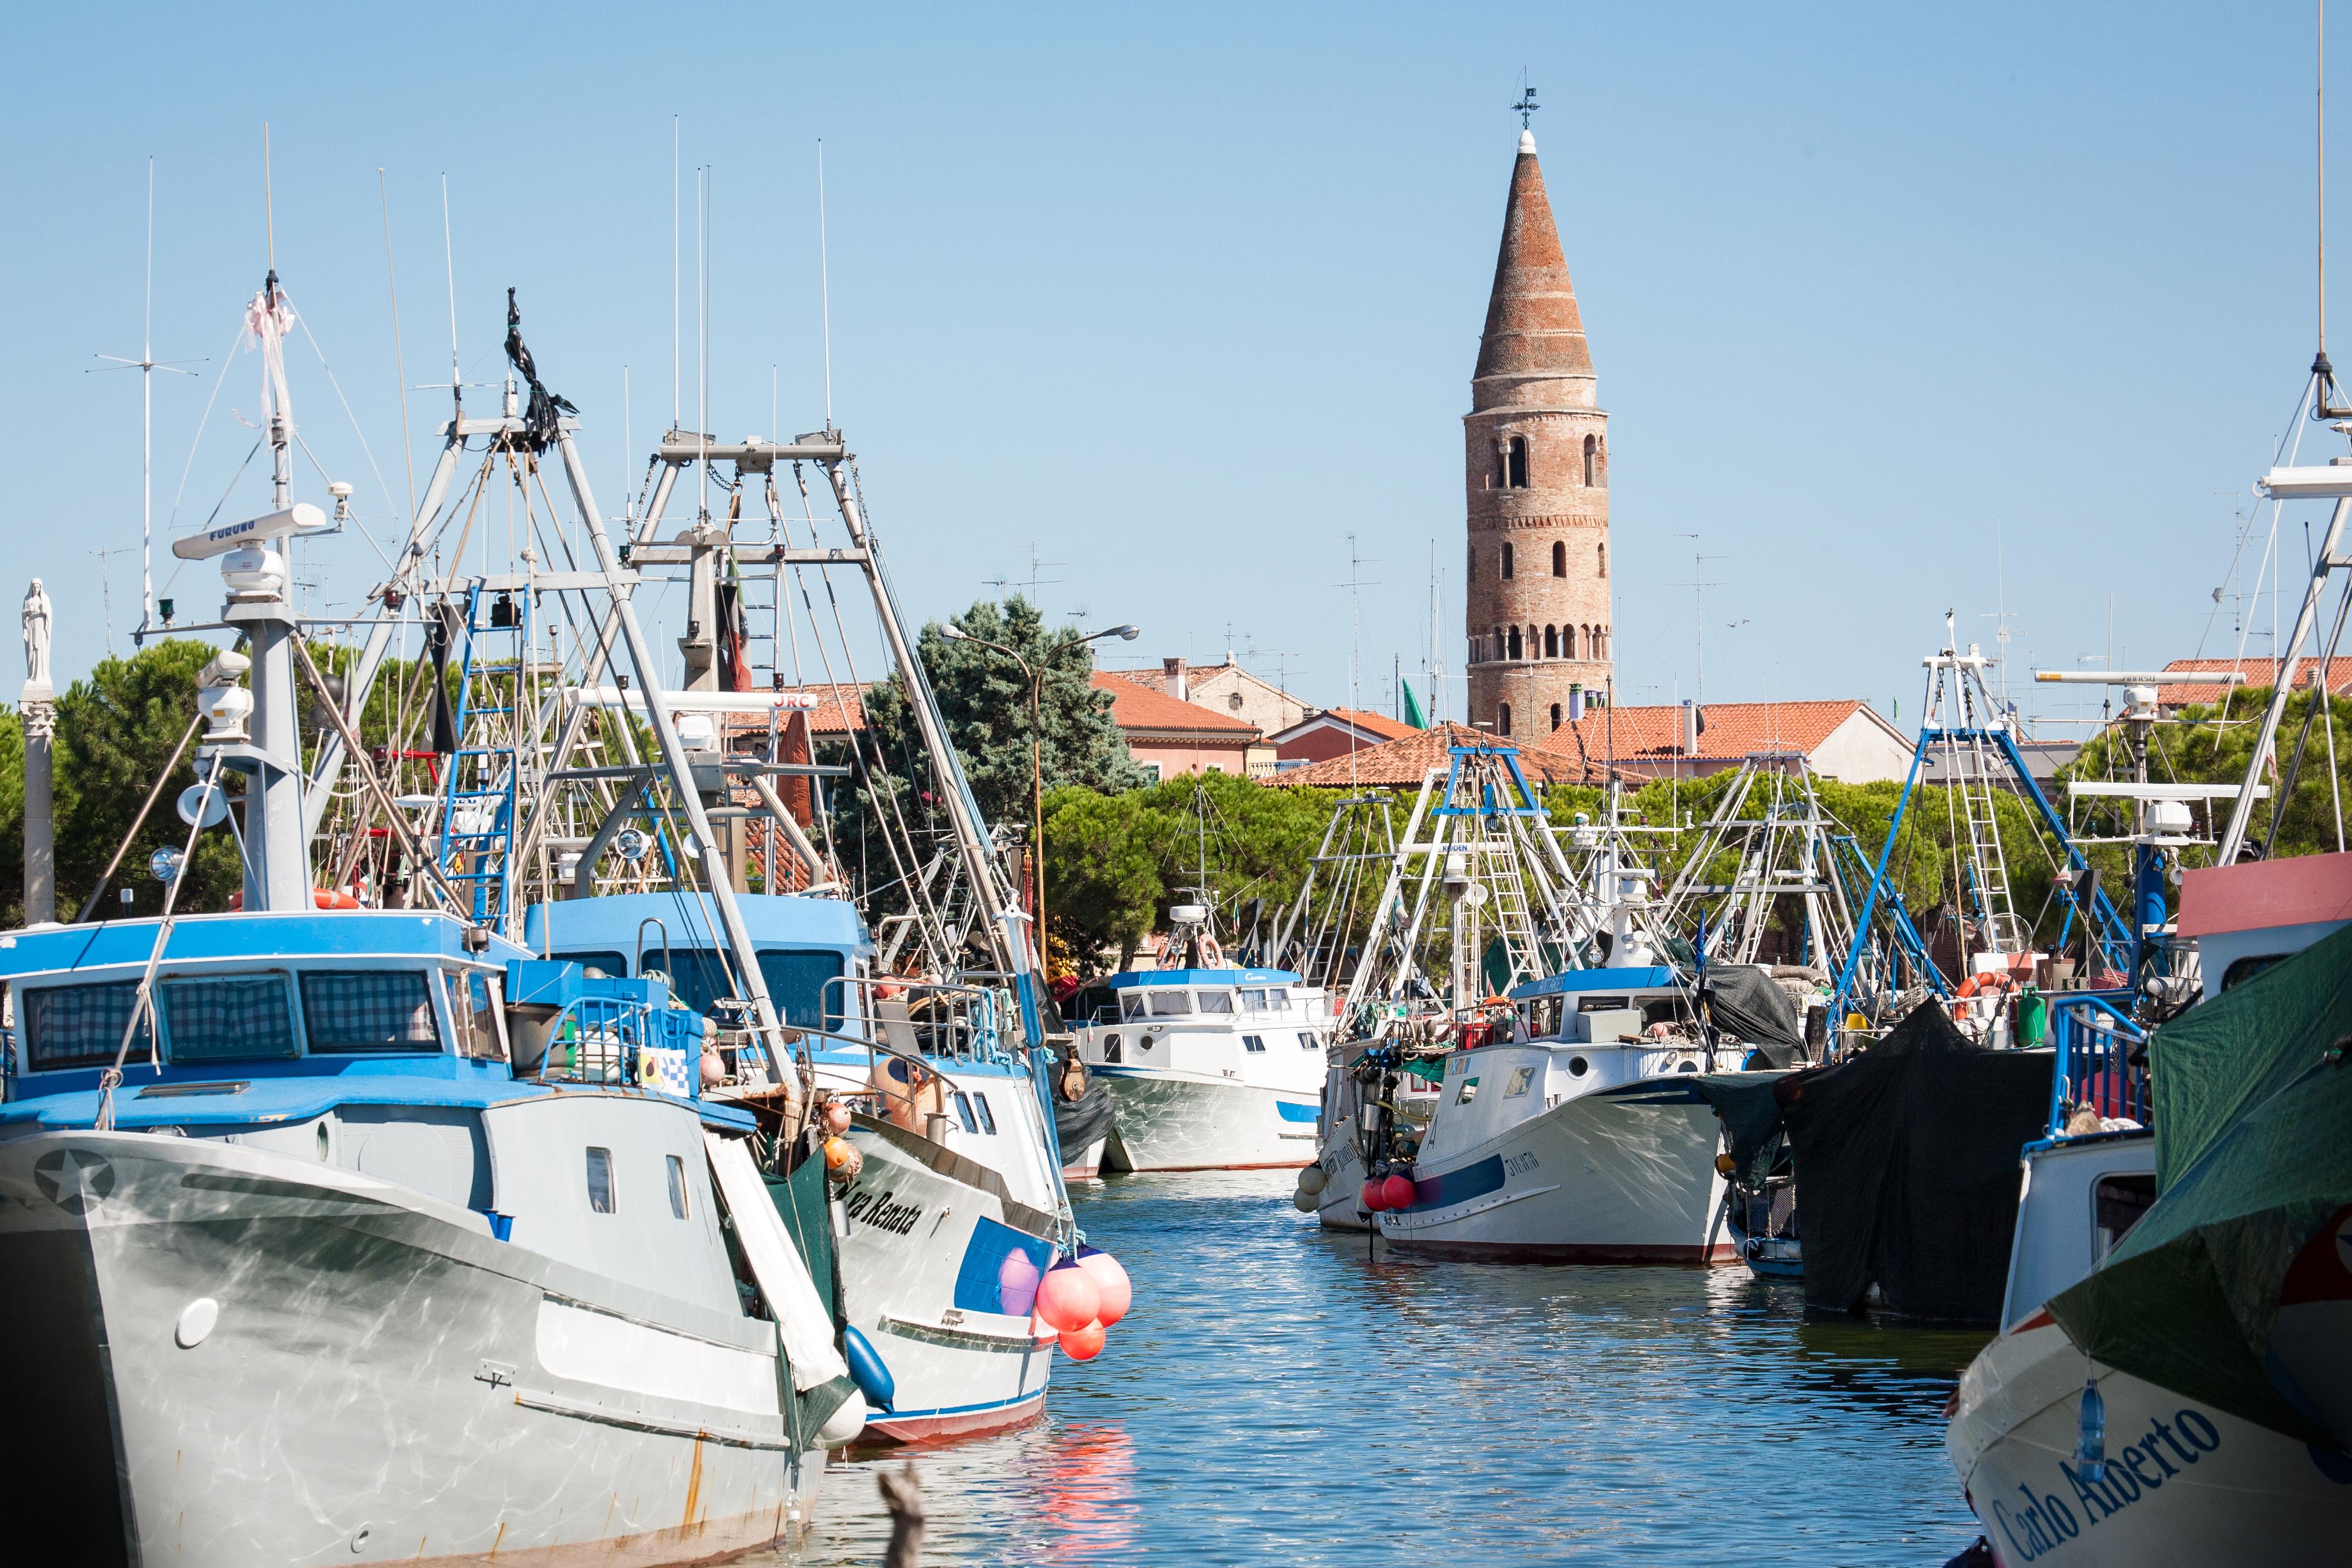 Caorle e la tradizione della pesca: da antico villaggio di pescatori a borgo marinaro senza tempo